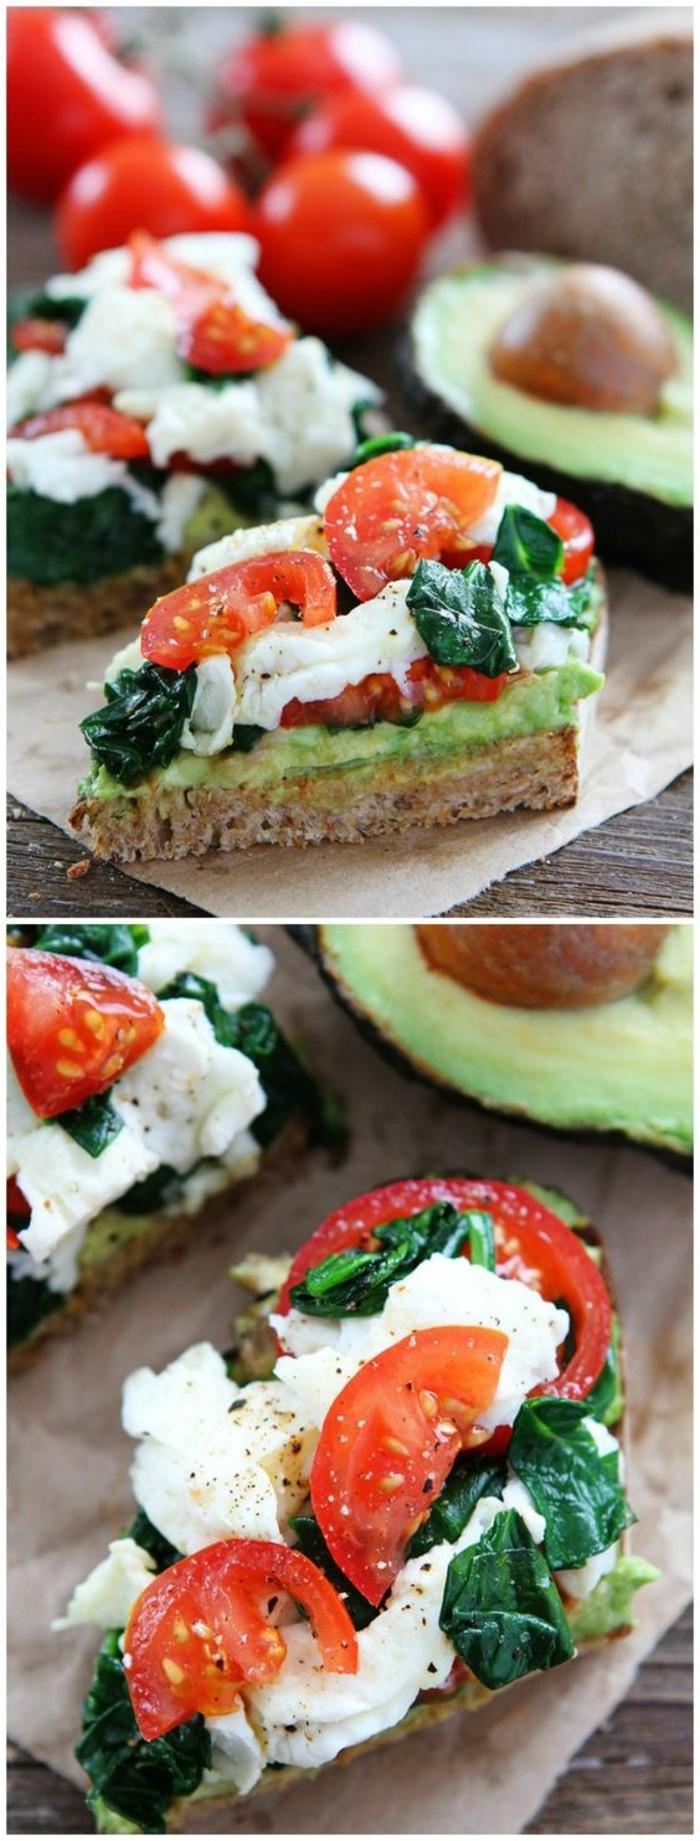 0-idees-recettes-recettes-saines-et-gourmandes-petits-plats-en-equilibres